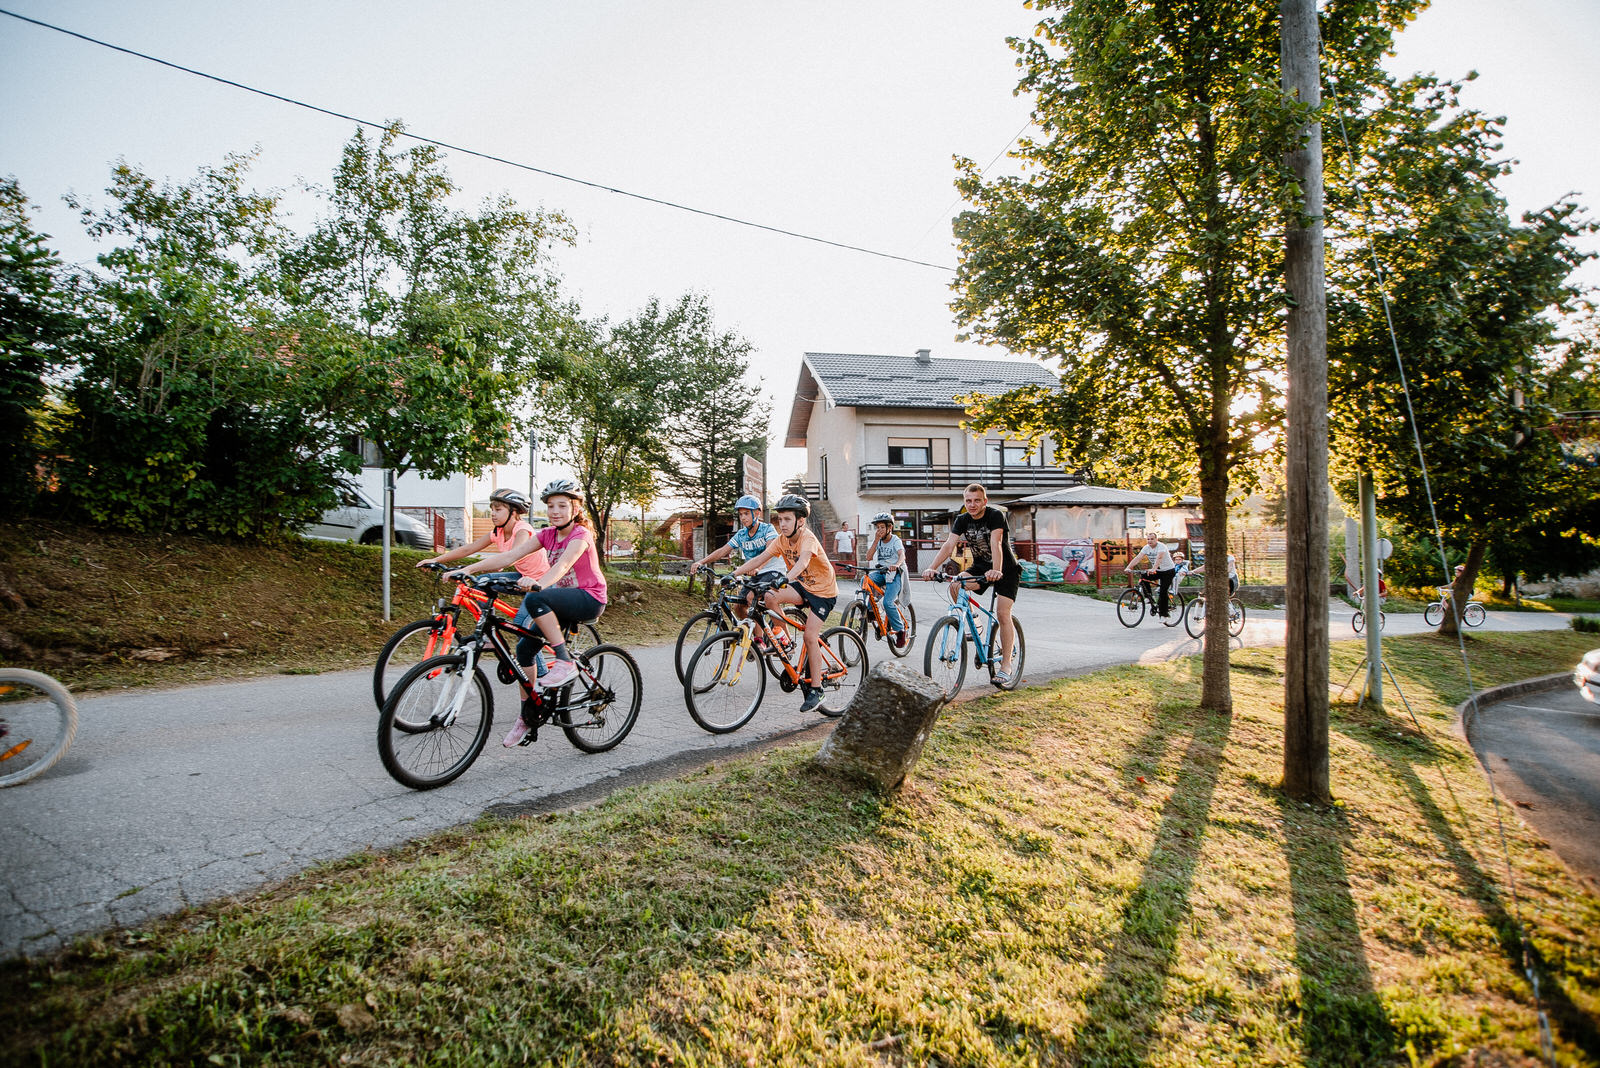 likaclub_rakovica_1-mala-biciklijada_2019-20